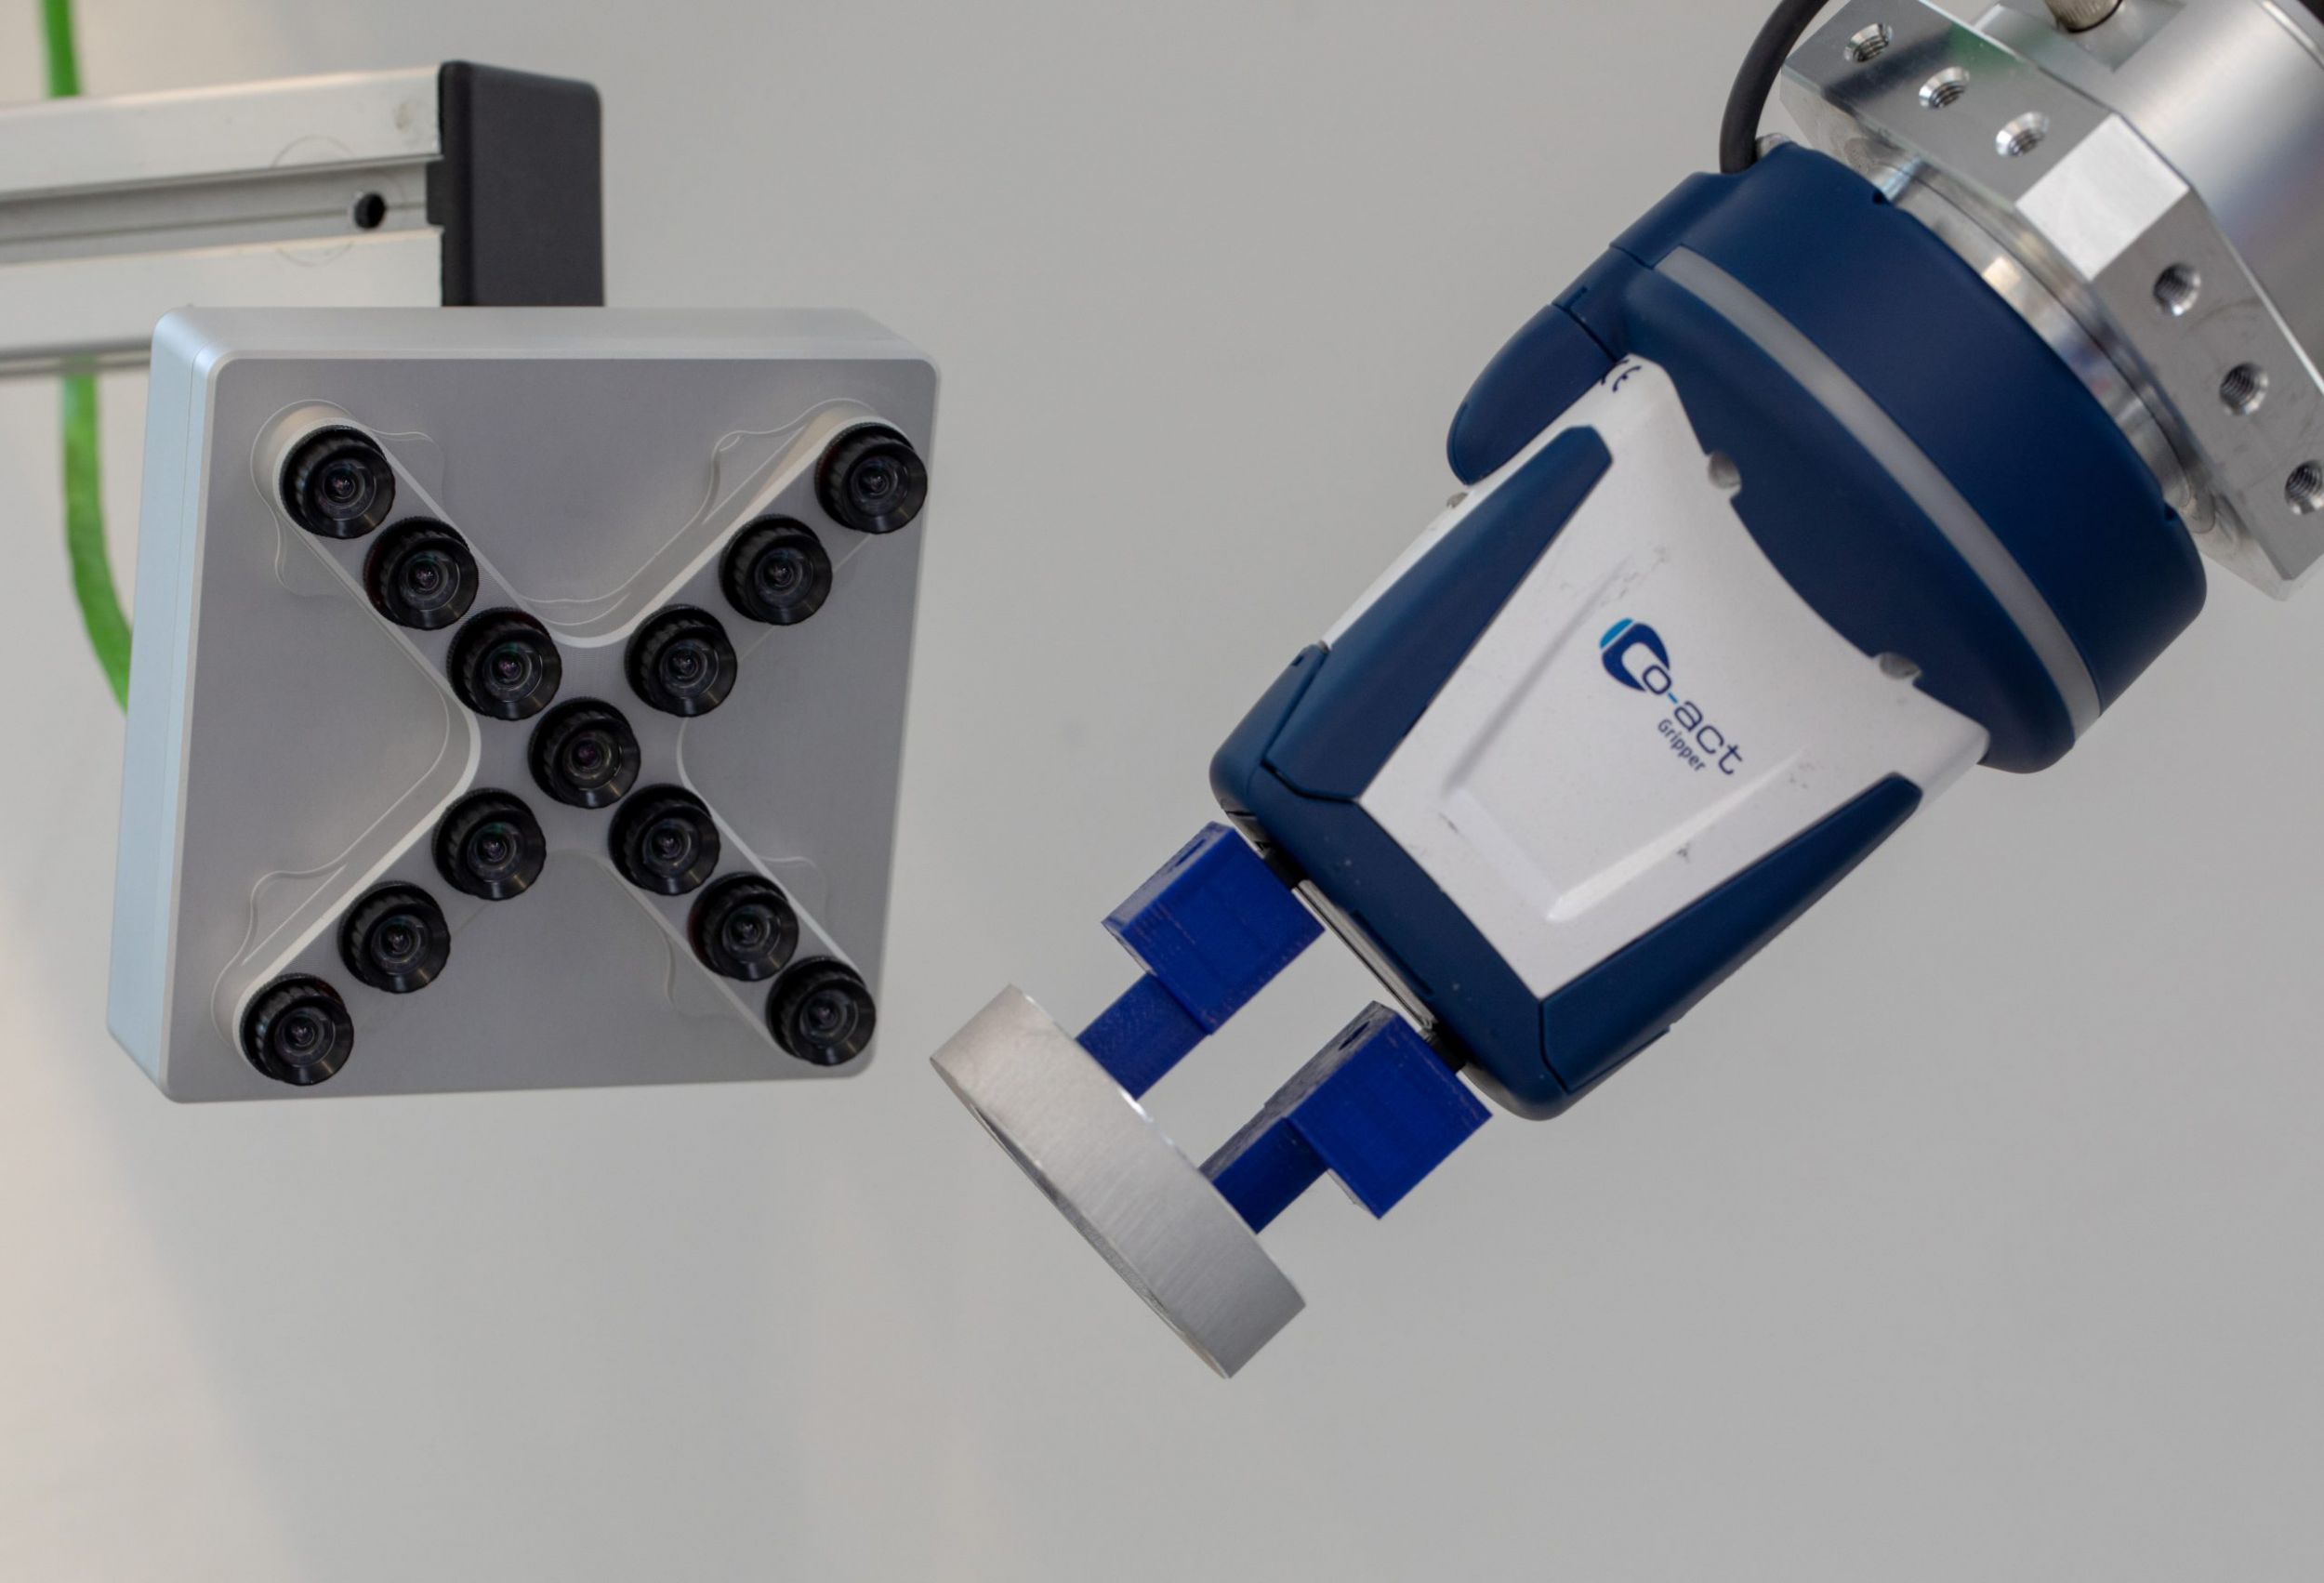 Lichtfeldbasierte Technologie mit intelligenter Software